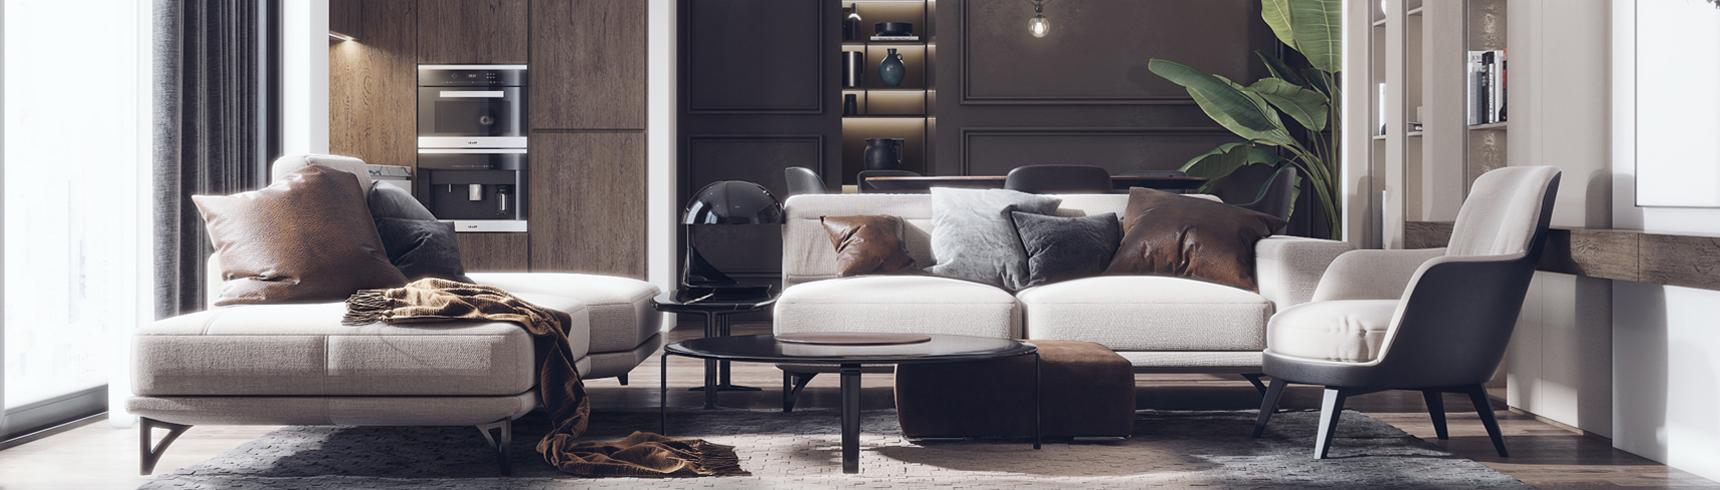 现代客厅 现代沙发 转角沙发 餐桌椅 吊灯 茶几 单椅 椅子3D模型下载